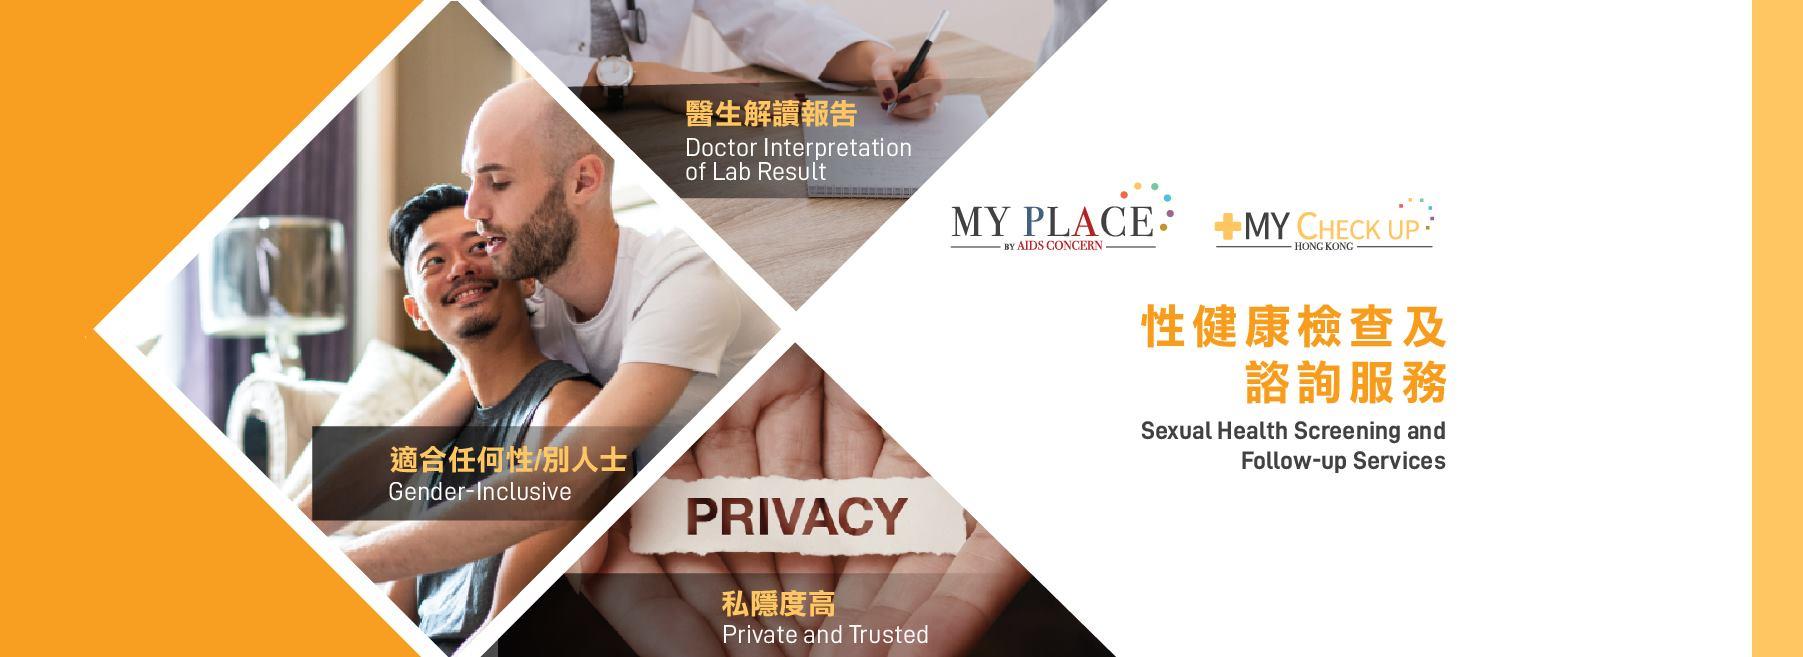 MY PLACE 社企專業性健康檢查服務